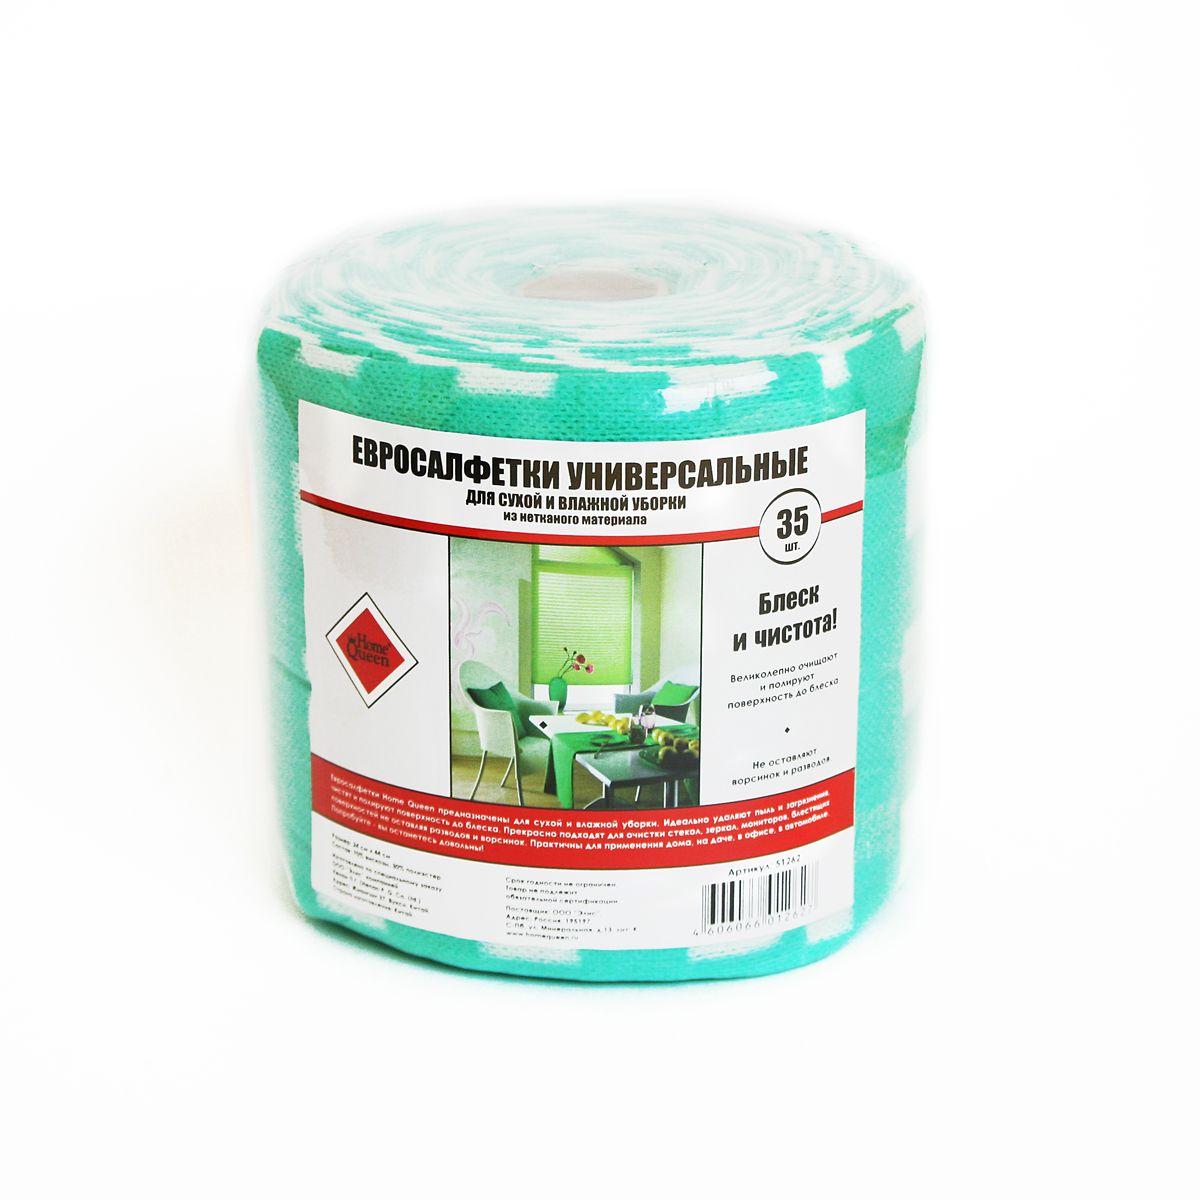 Евросалфетки универсальные Home Queen, в рулоне, цвет: зеленый, 24 см х 44 см, 35 штSVC-300Евросалфетки Home Queen изготовлены из 70% вискозы и 30% полиэстера и предназначены для влажной и сухой уборки. Идеально удаляют пыль и загрязнения. Чистят и полируют поверхность до блеска. Салфетки подходят для любых поверхностей, не оставляют разводов и ворсинок. Изделия универсальные, практичные для применения дома, на даче, в машине и т.д. Салфетки упакованы в рулон и декорированы рисунком в клетку.Размер салфеток: 24 см х 44 см.Комплектация: 35 шт.